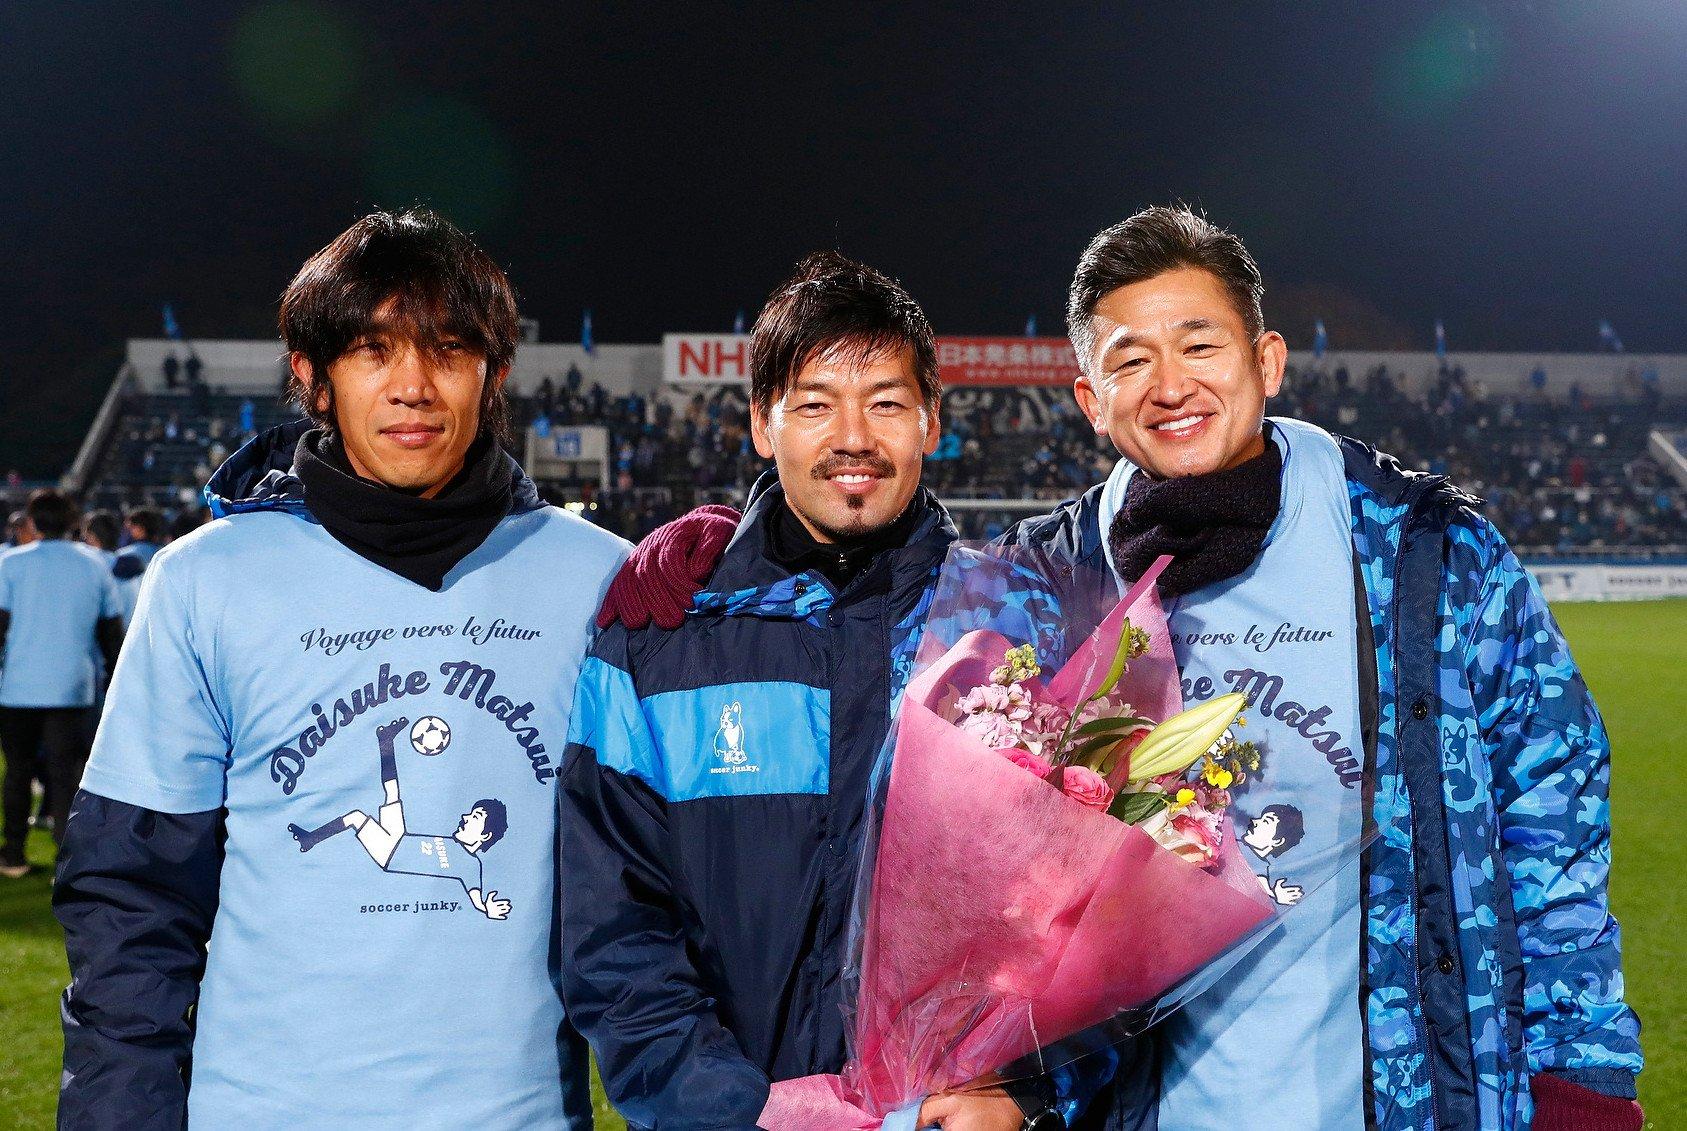 サイゴンFCへの移籍が決まり、セレモニーで中村俊輔(左)、三浦知良(右)と写真に納まる松井大輔 ©YOKOHAMA FC